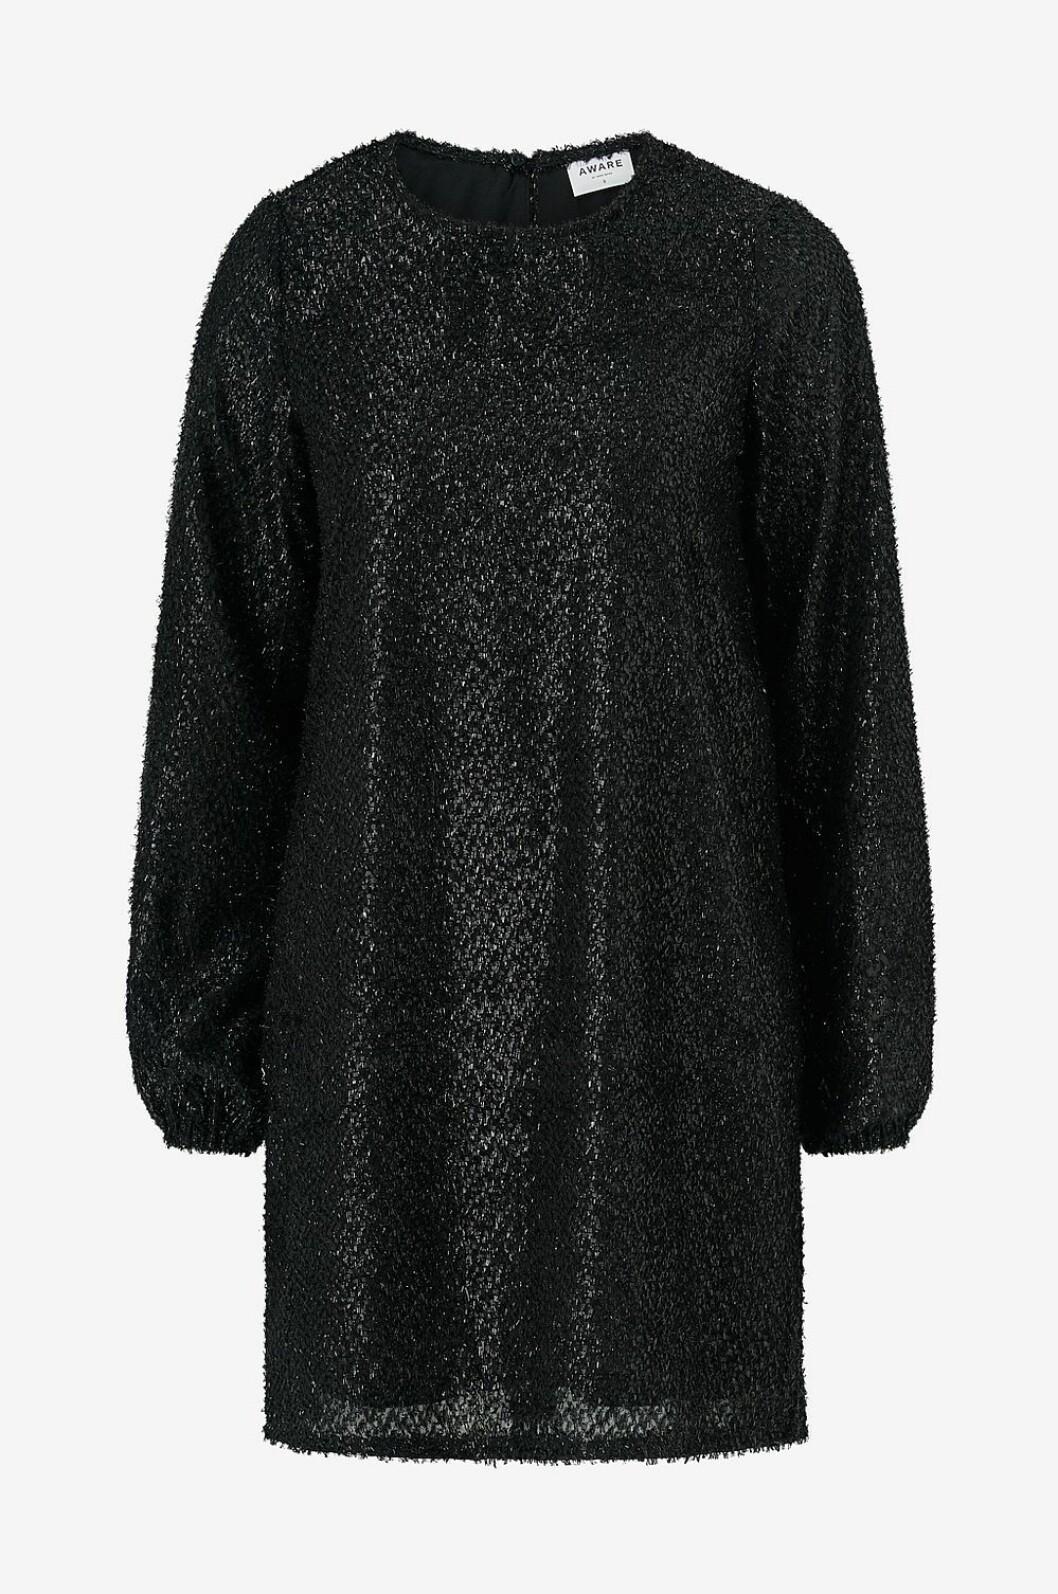 Svart paljettklänning med lång ärm för dam till nyår 2019